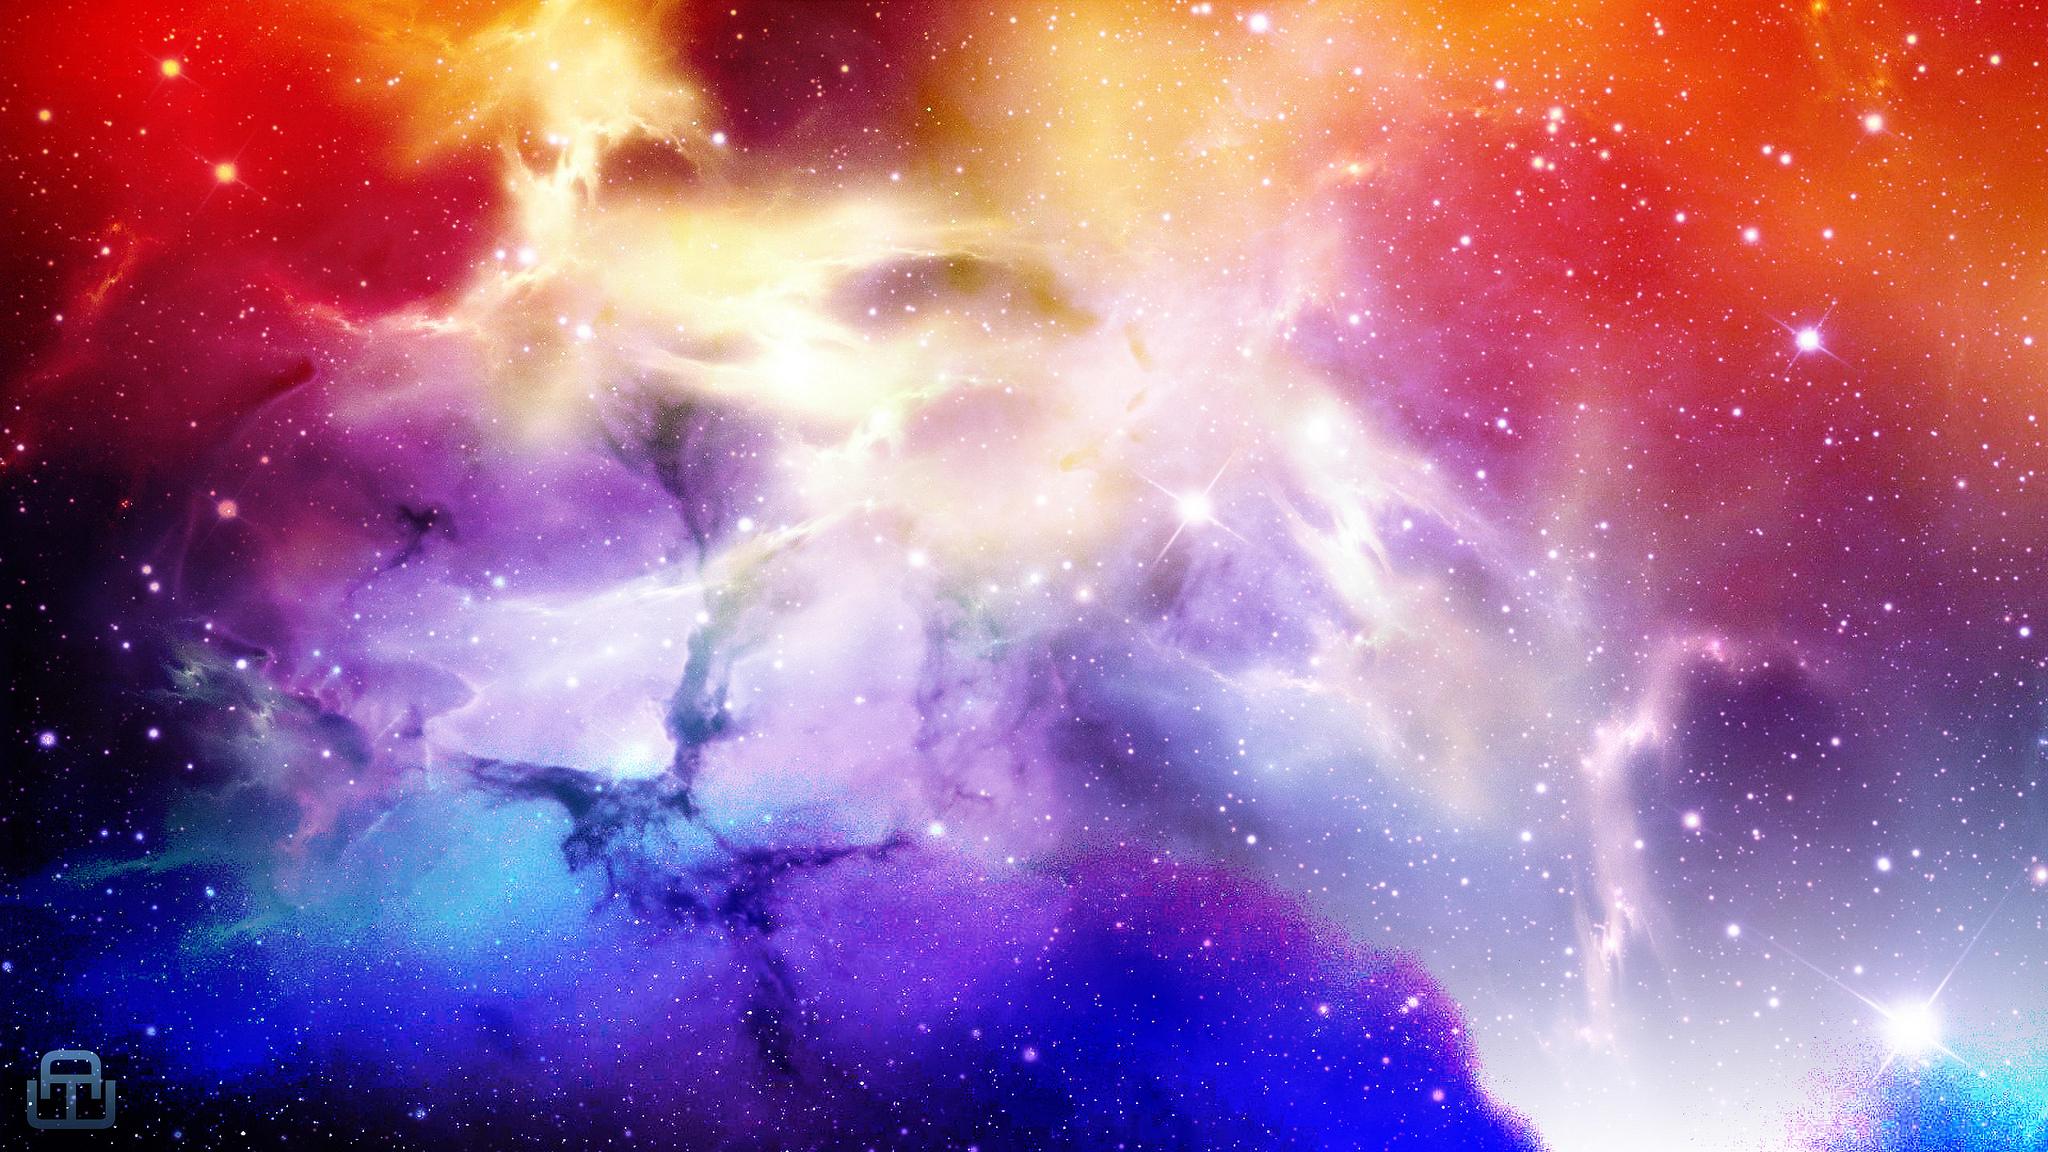 скачать обои космос синий красный сиреневый звёзды